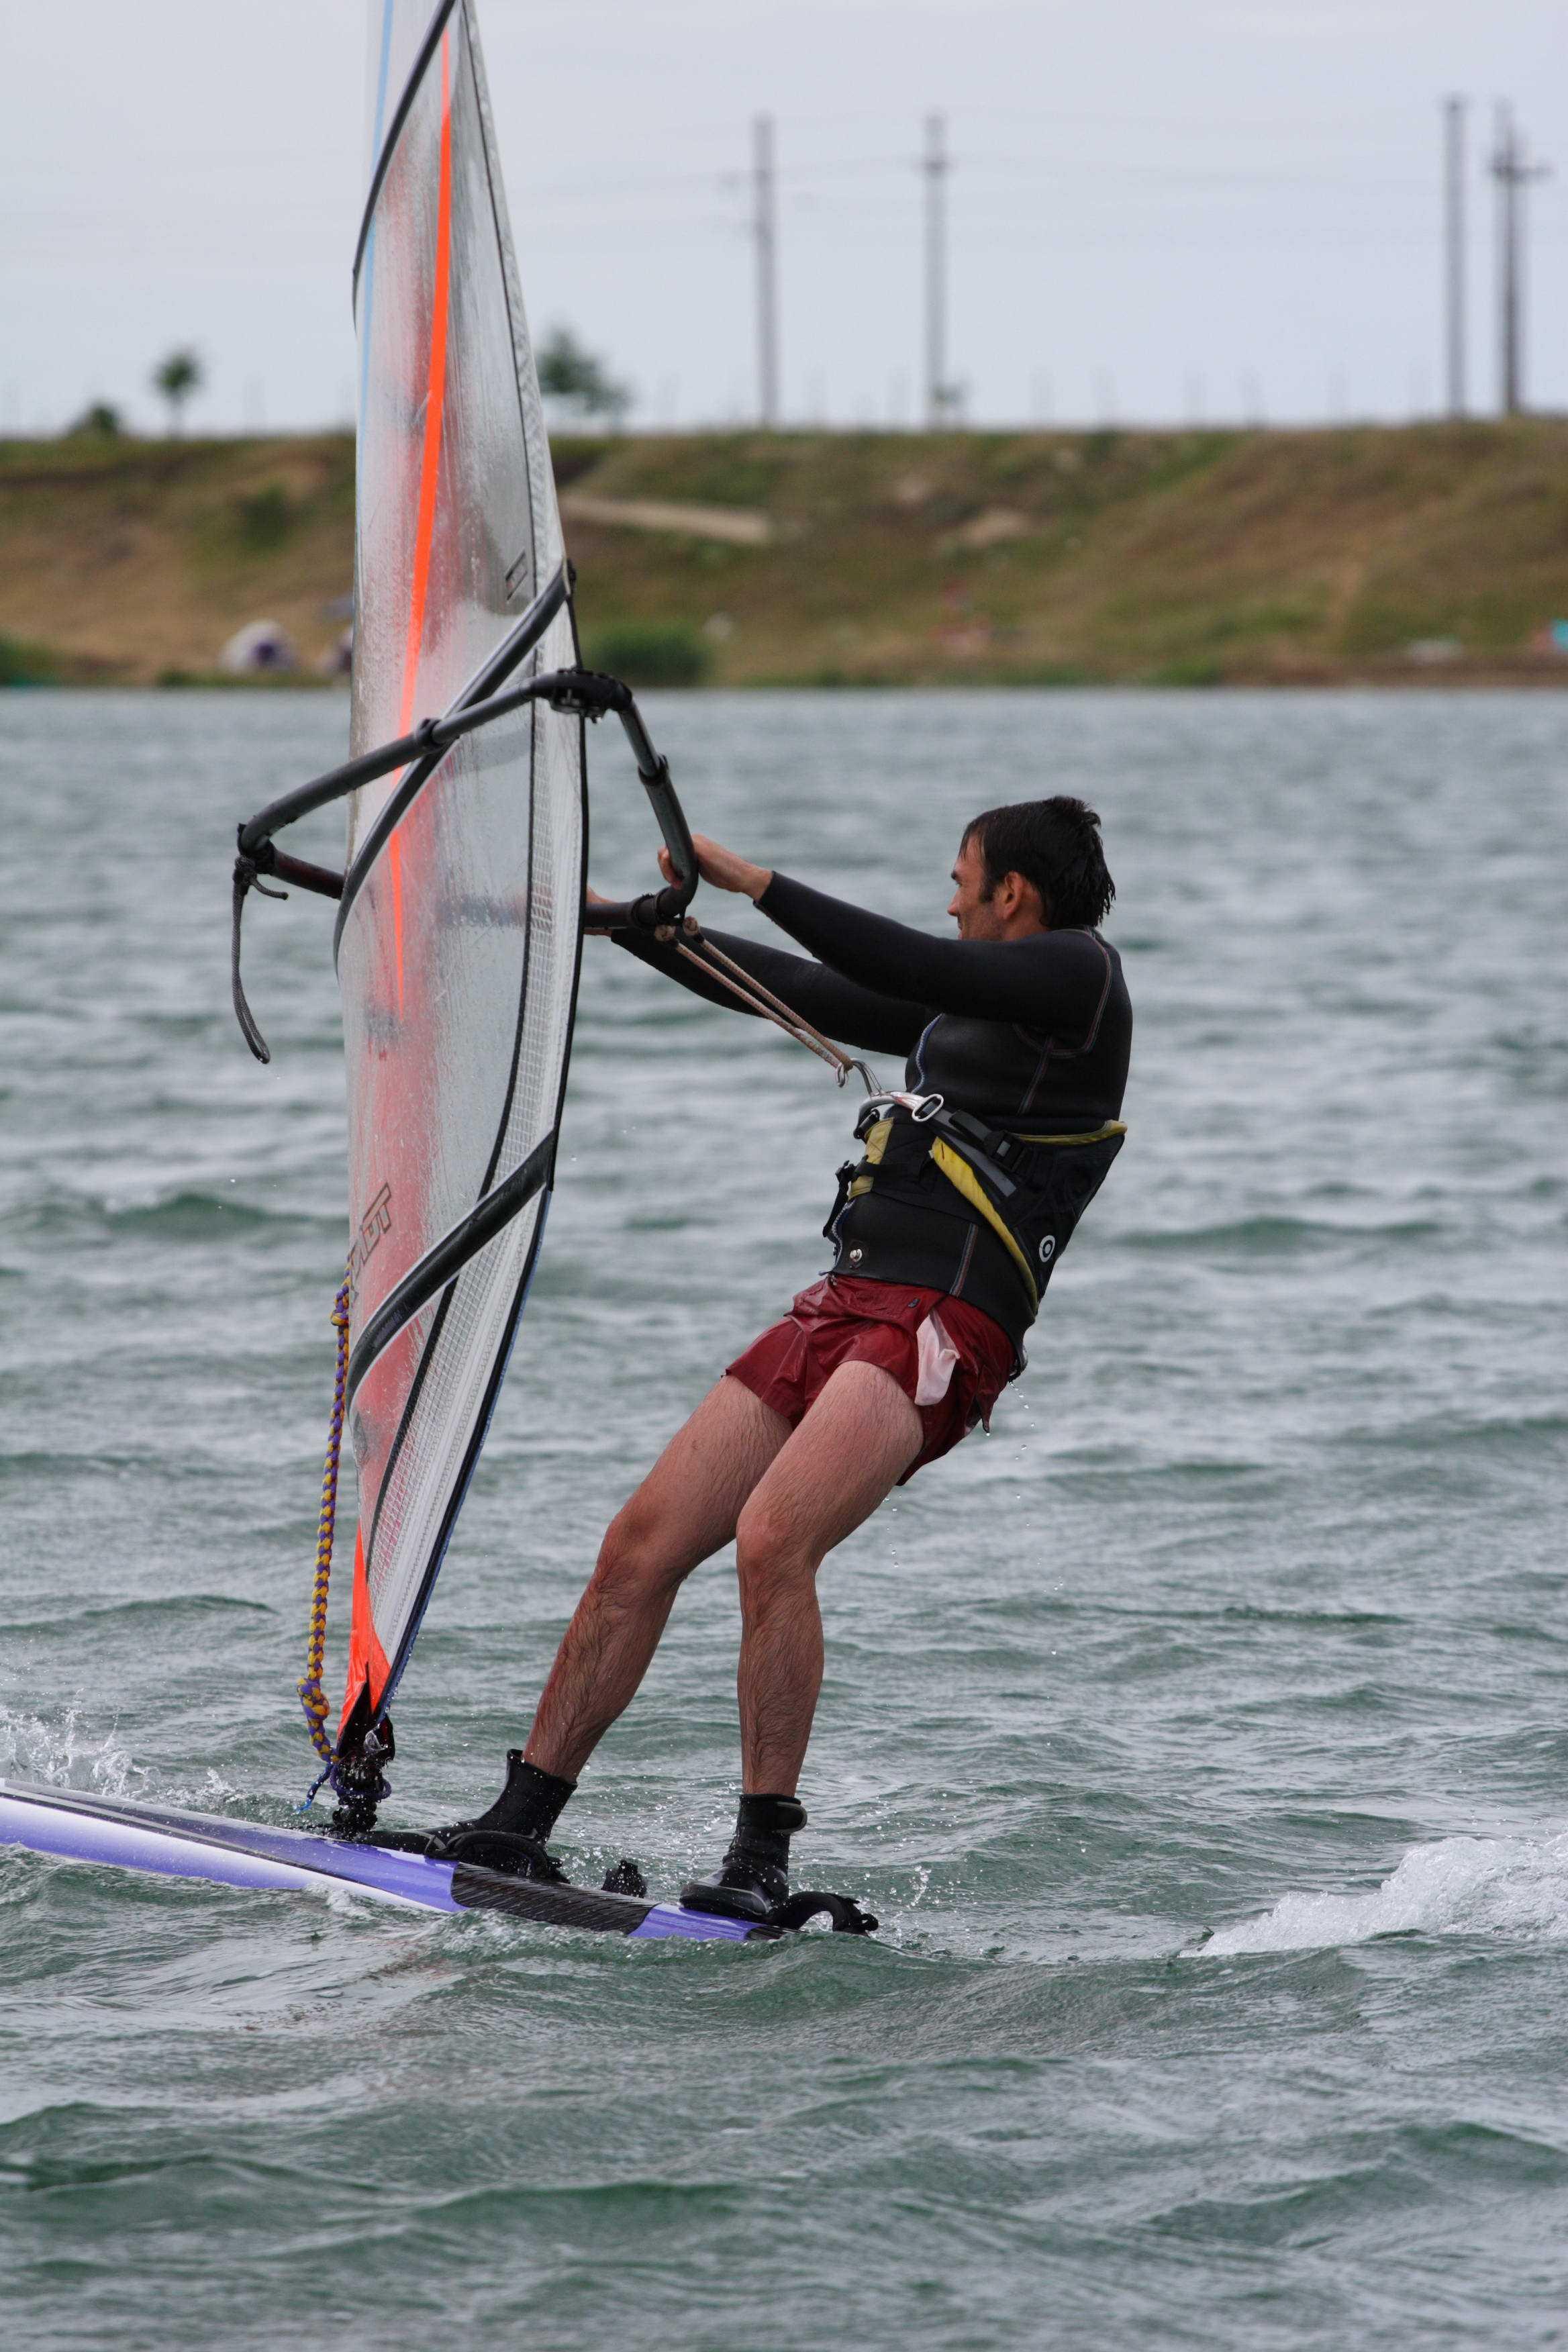 windsurfing-arad_11_2.jpg